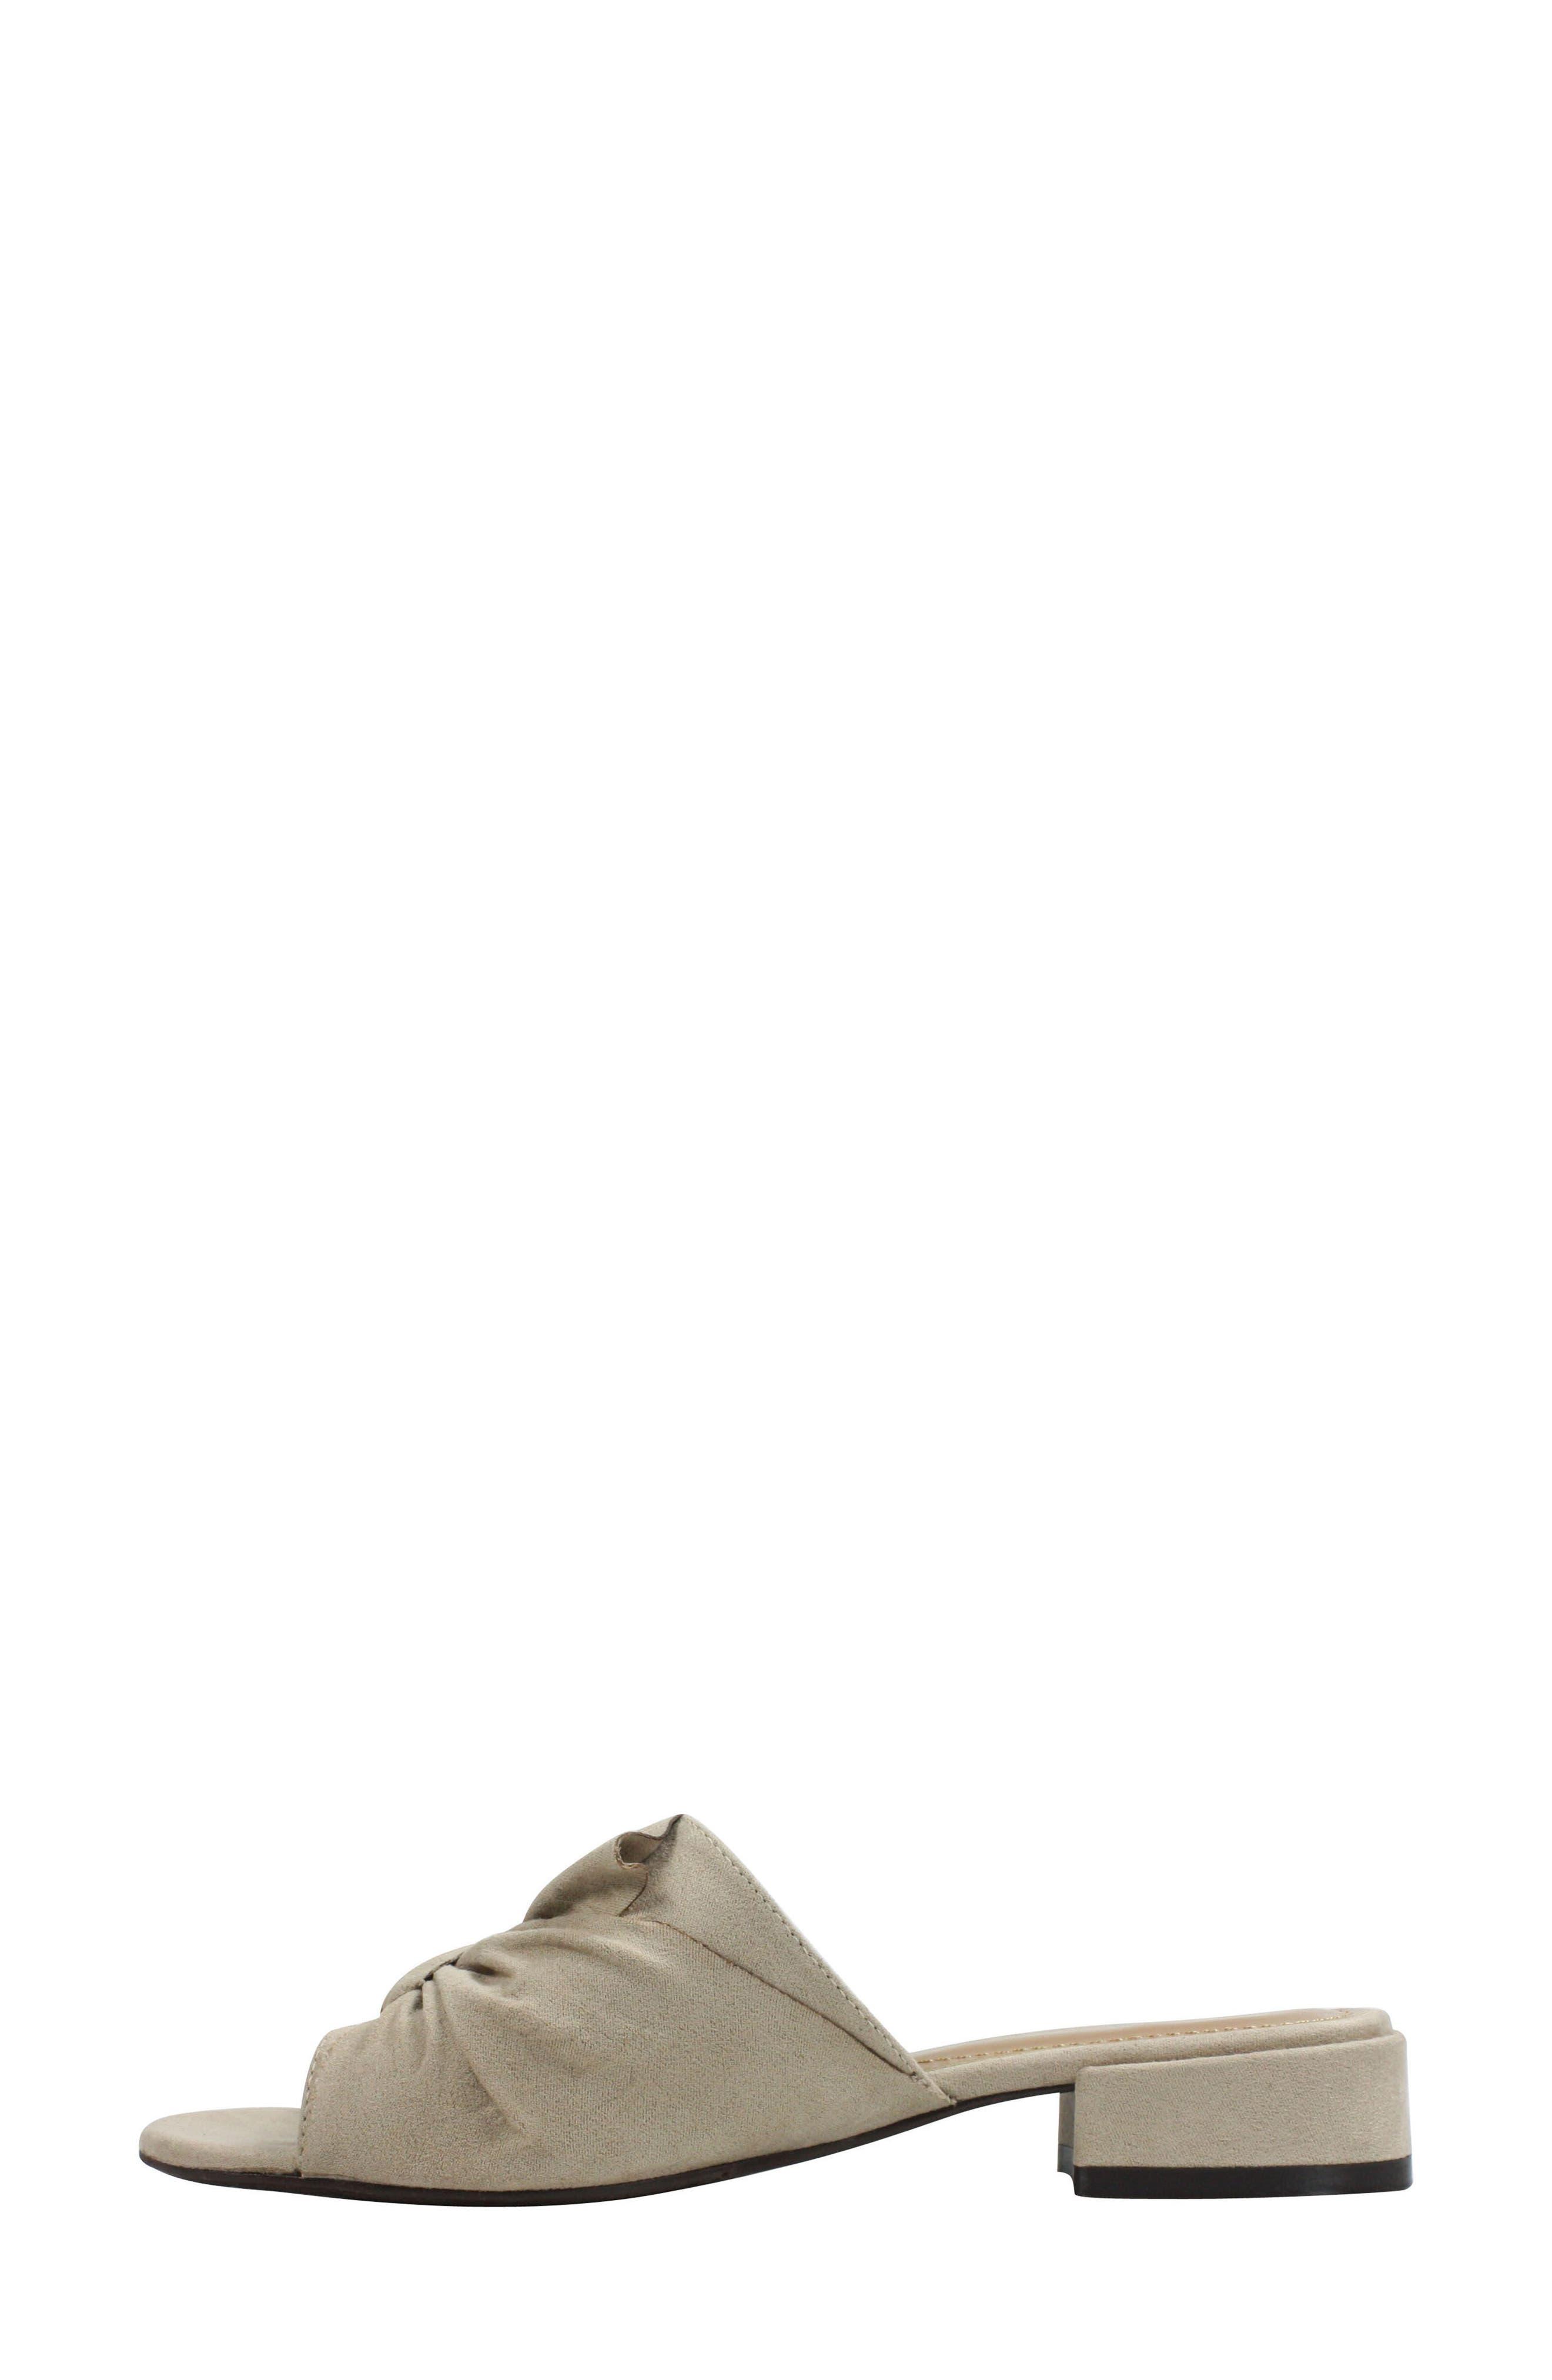 Sattuck Slide Sandal,                             Alternate thumbnail 2, color,                             Dark Beige Fabric